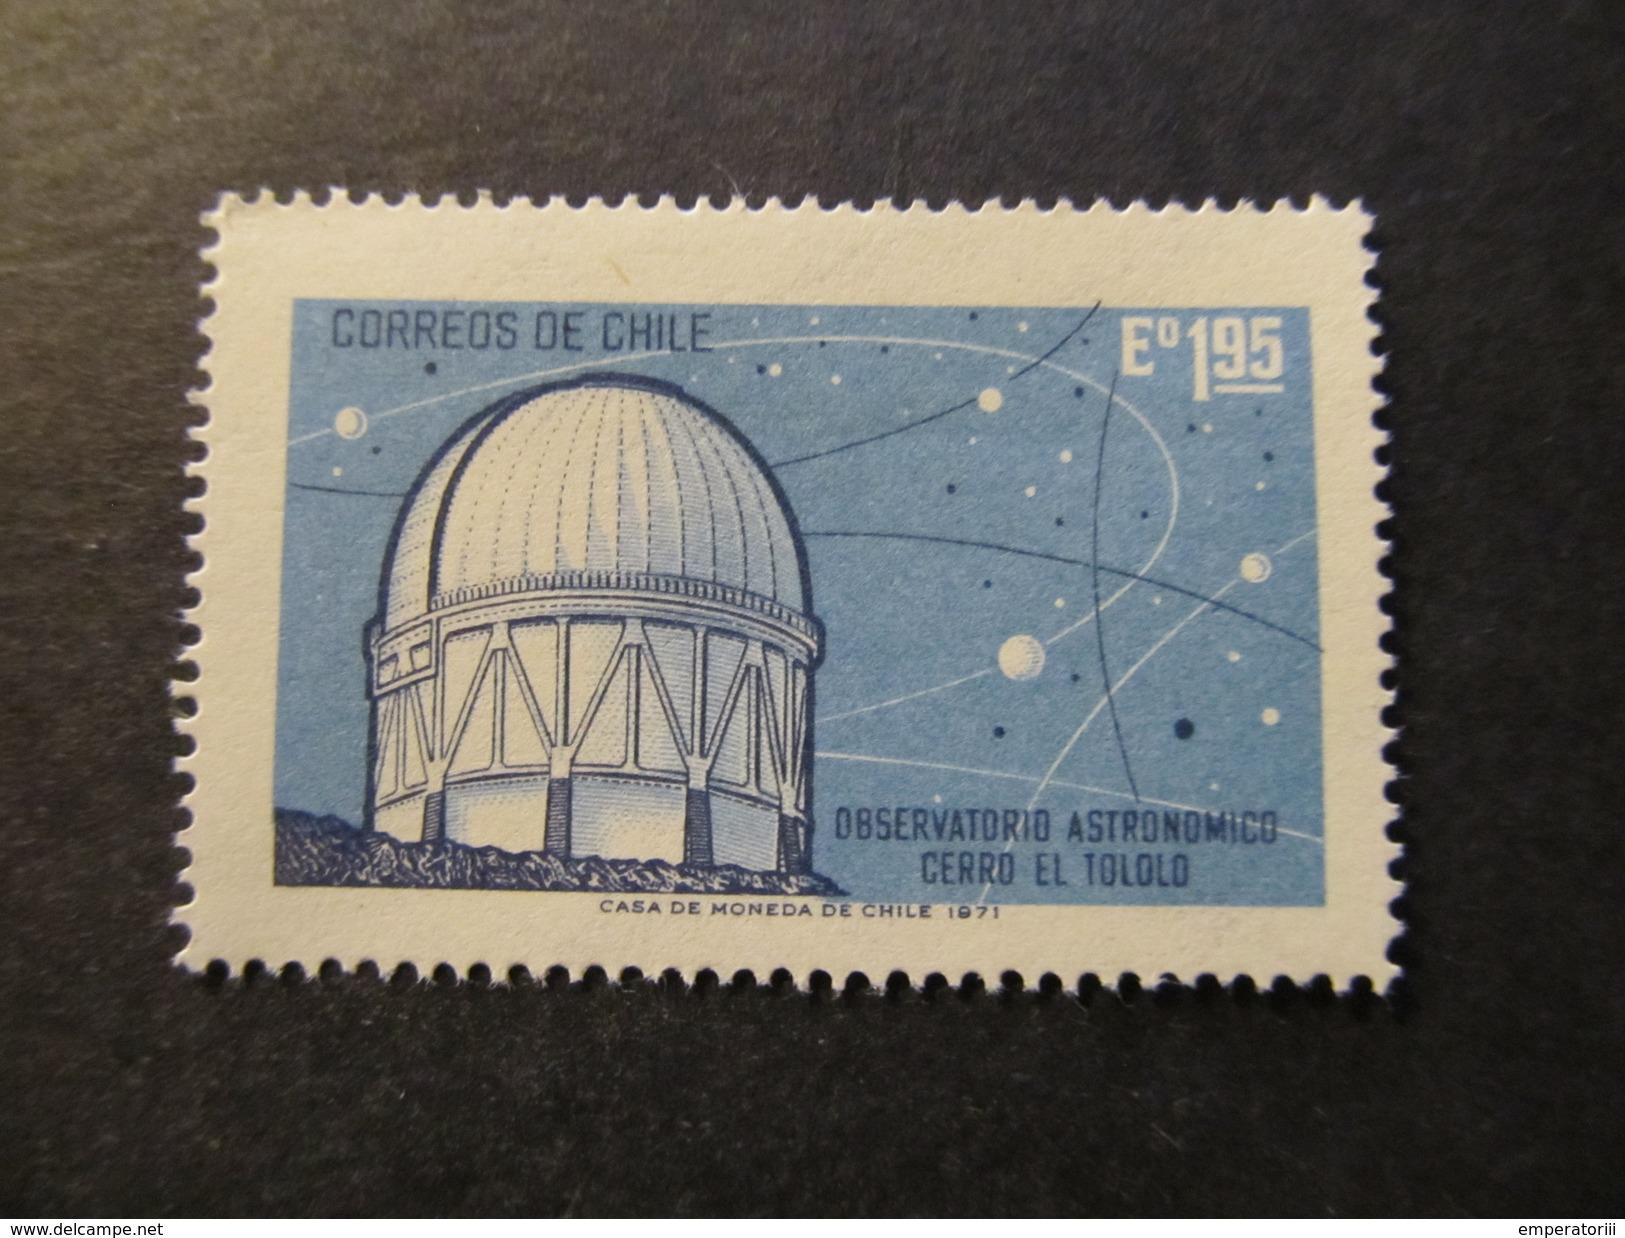 1971 - CHILE - OBSERVATION DOME, CERRO EL TOLOLO OBSERVATORY - SCOTT 412 A219 1,95E (2) - Chile